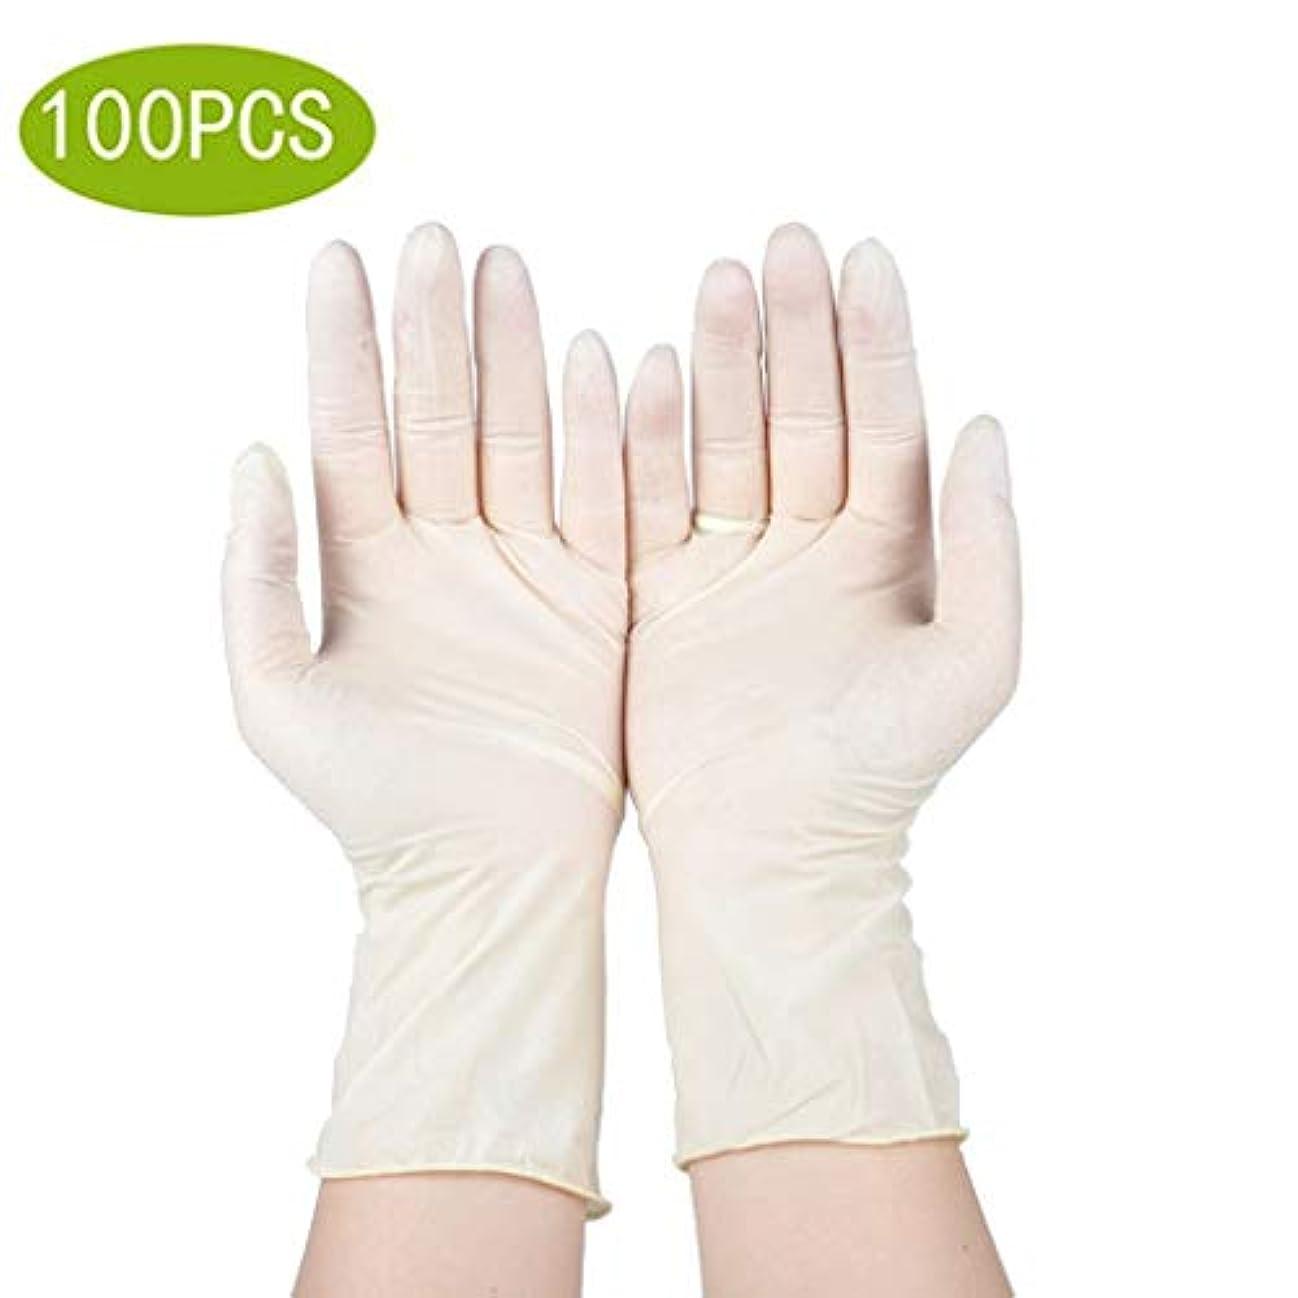 急行するコマース大使館医療検査ラテックス手袋|3ミル厚、ミディアムボックス100パウダーフリー、無菌、頑丈な試験用手袋|病院のための専門の等級、法執行機関、食糧売り手 (Color : Beige, Size : L)